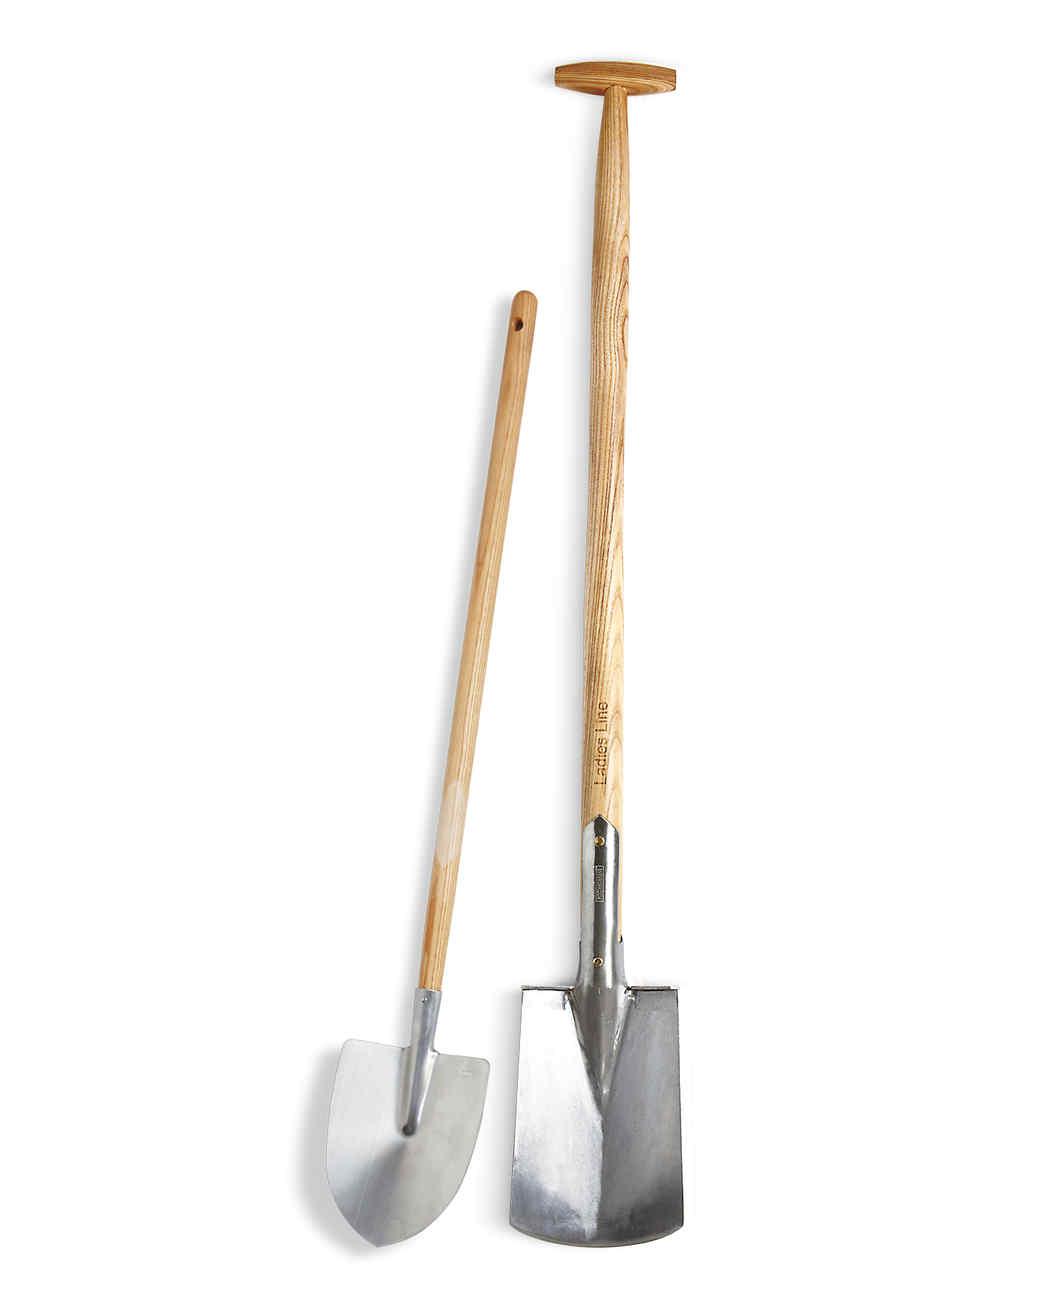 shovels-md109310.jpg